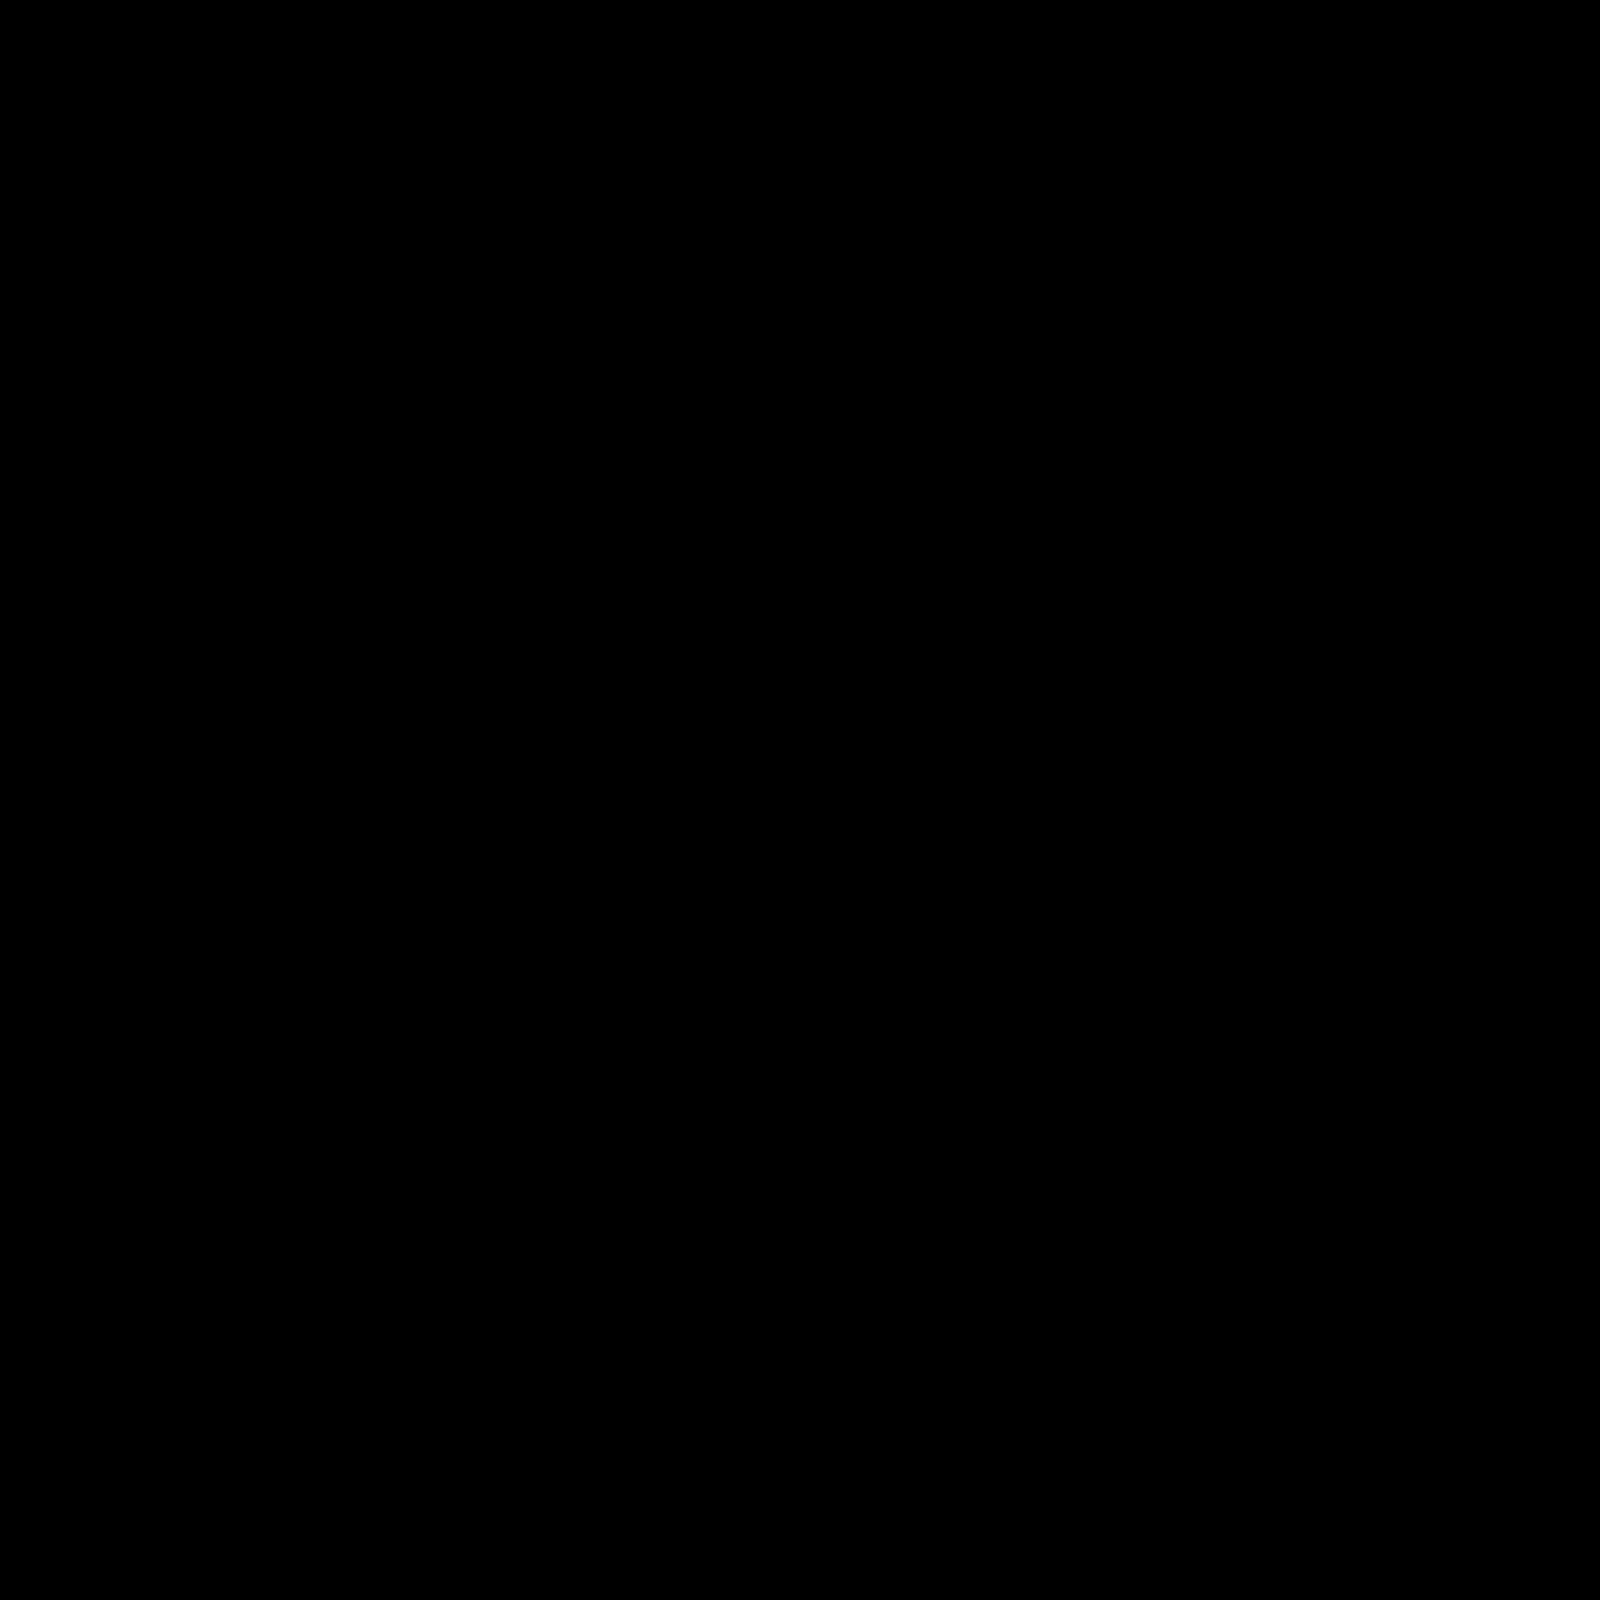 训练 icon. This looks like a square with the left side missing. There is an upside down V at the bottom of the square, indicating that the square is balancing on it. There is a Person standing to the left of the square, pointing his arm to the right.